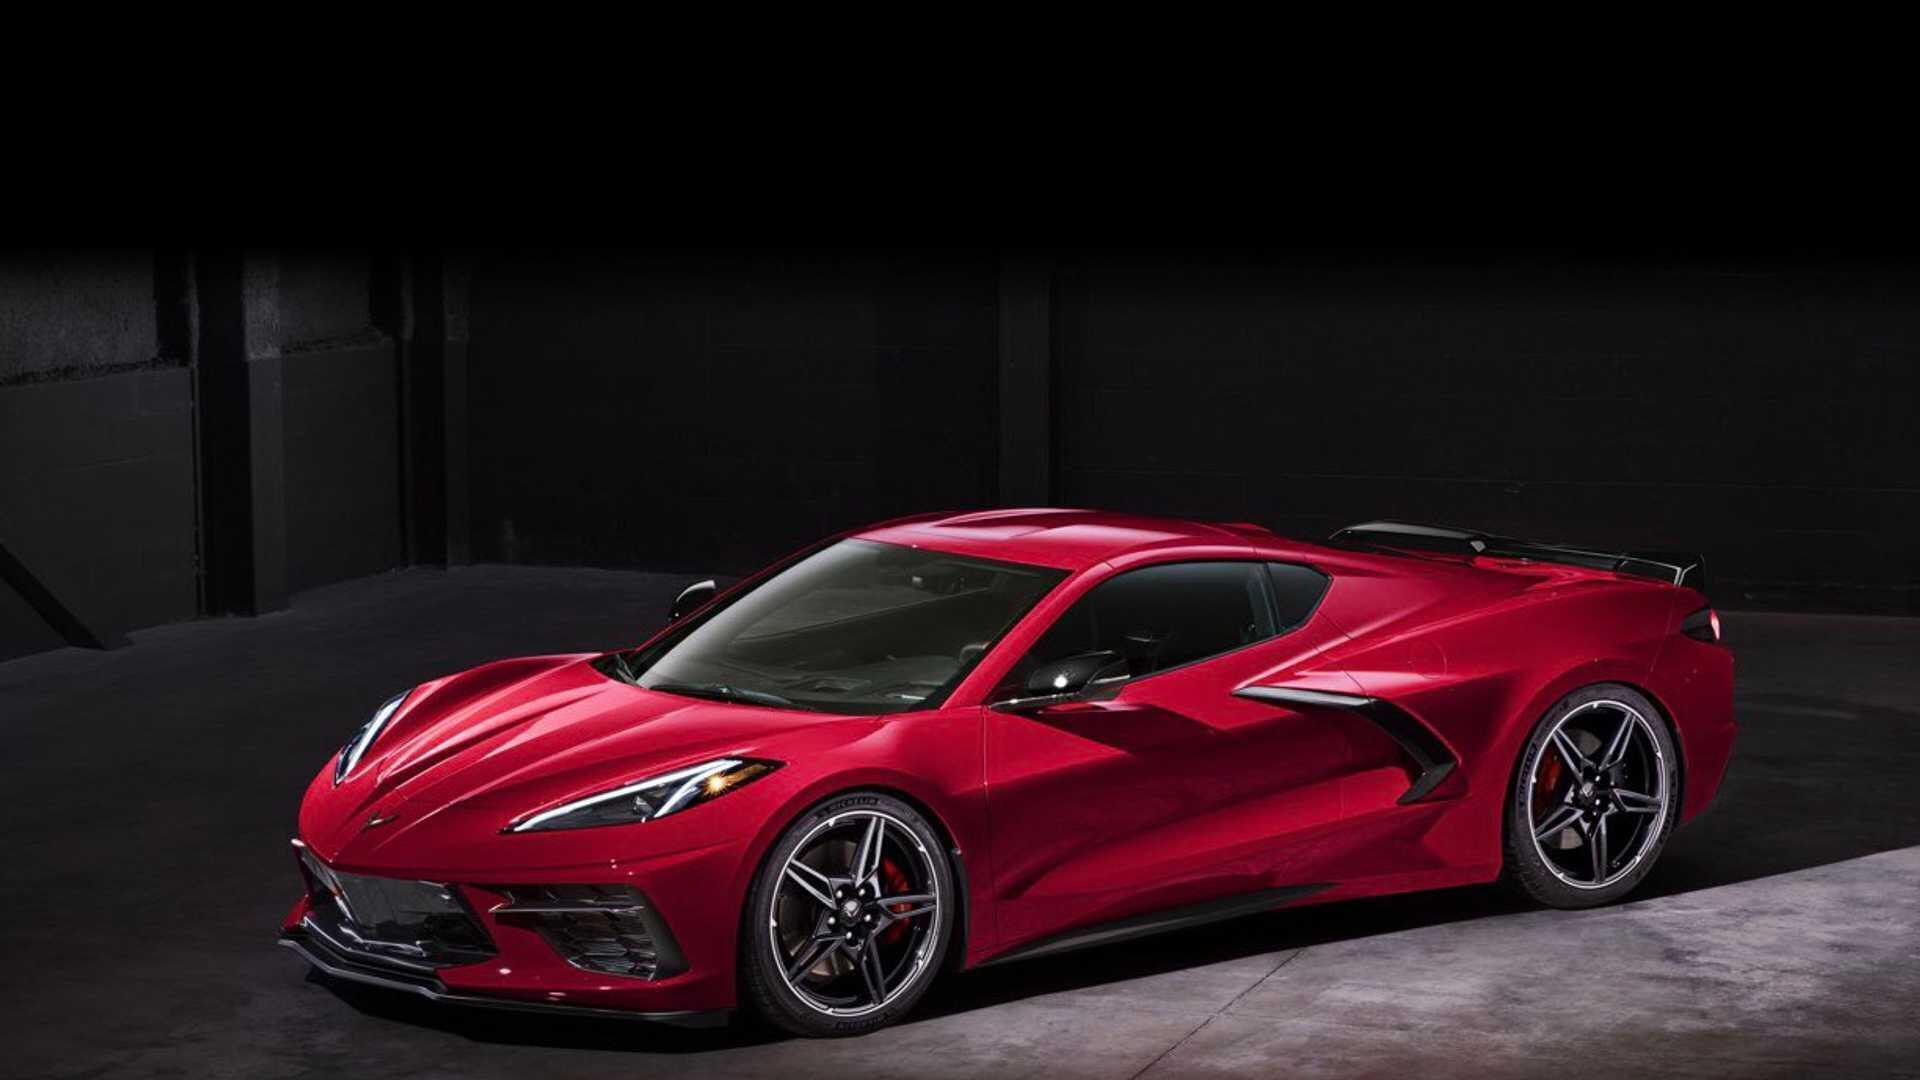 https://cdn.dailyxe.com.vn/image/chevrolet-corvette-2020-co-mot-so-tinh-nang-an-tuyet-voi-44-94548j2.jpg